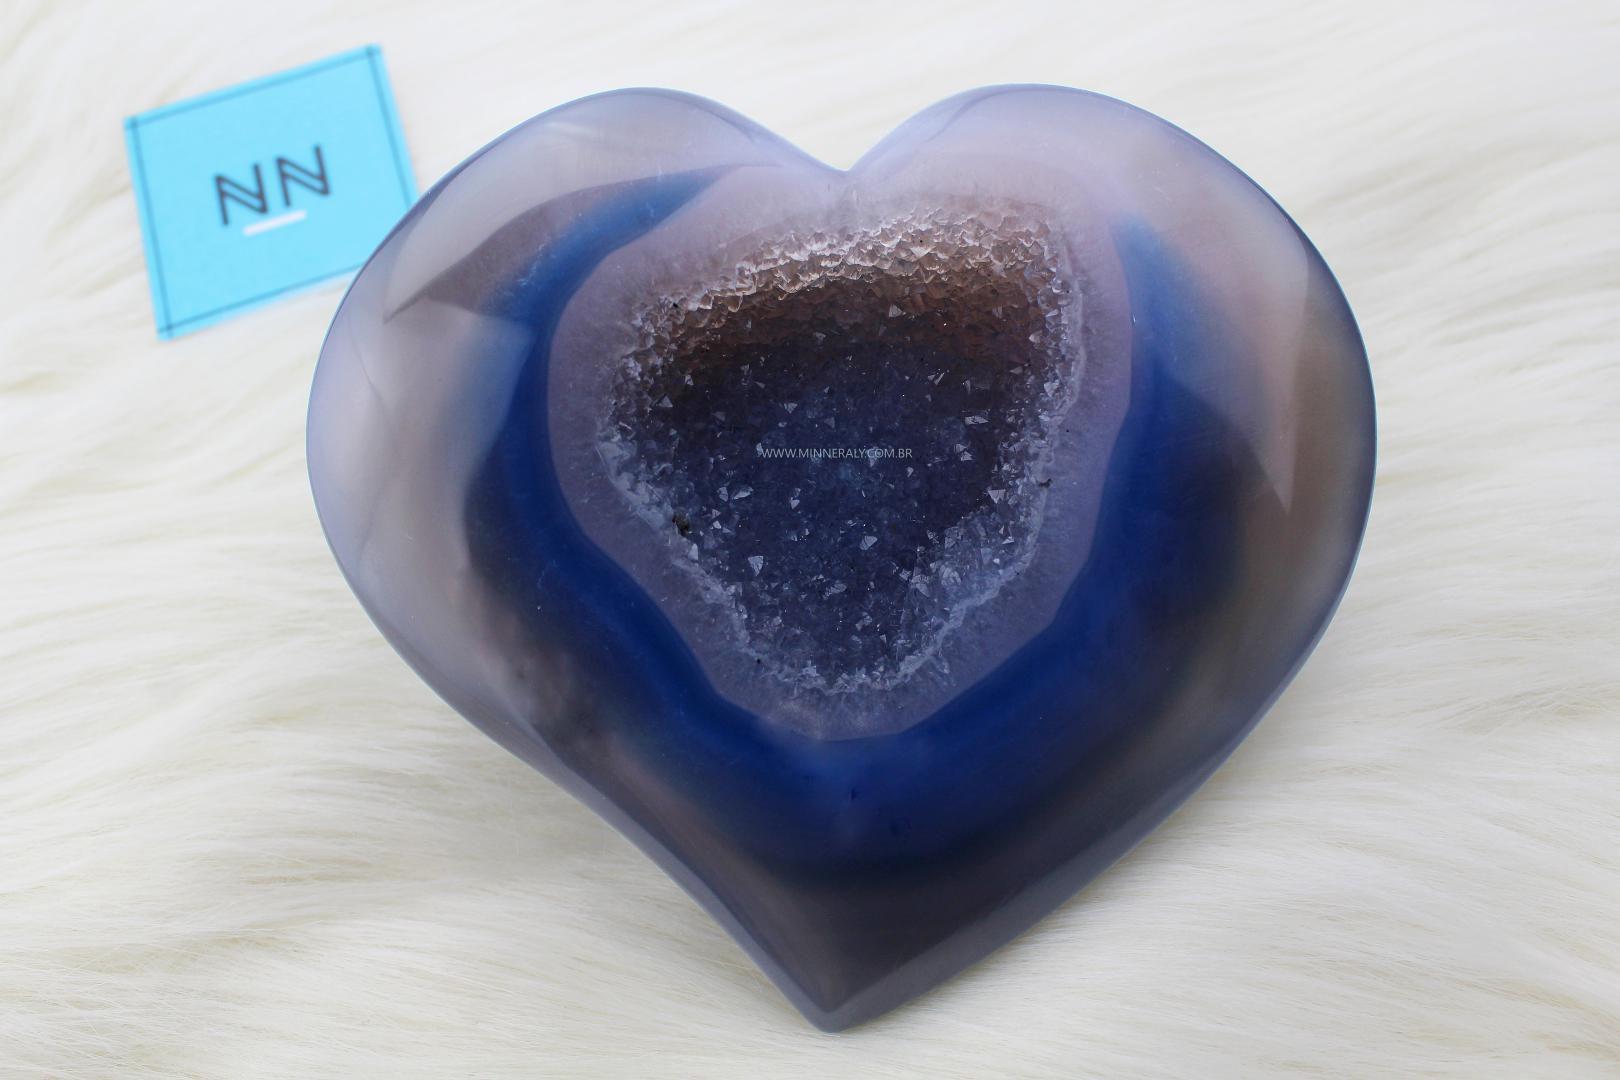 Coração em Geodo de Ágata in Natura (0,950kg; 13,0cm) #NN137